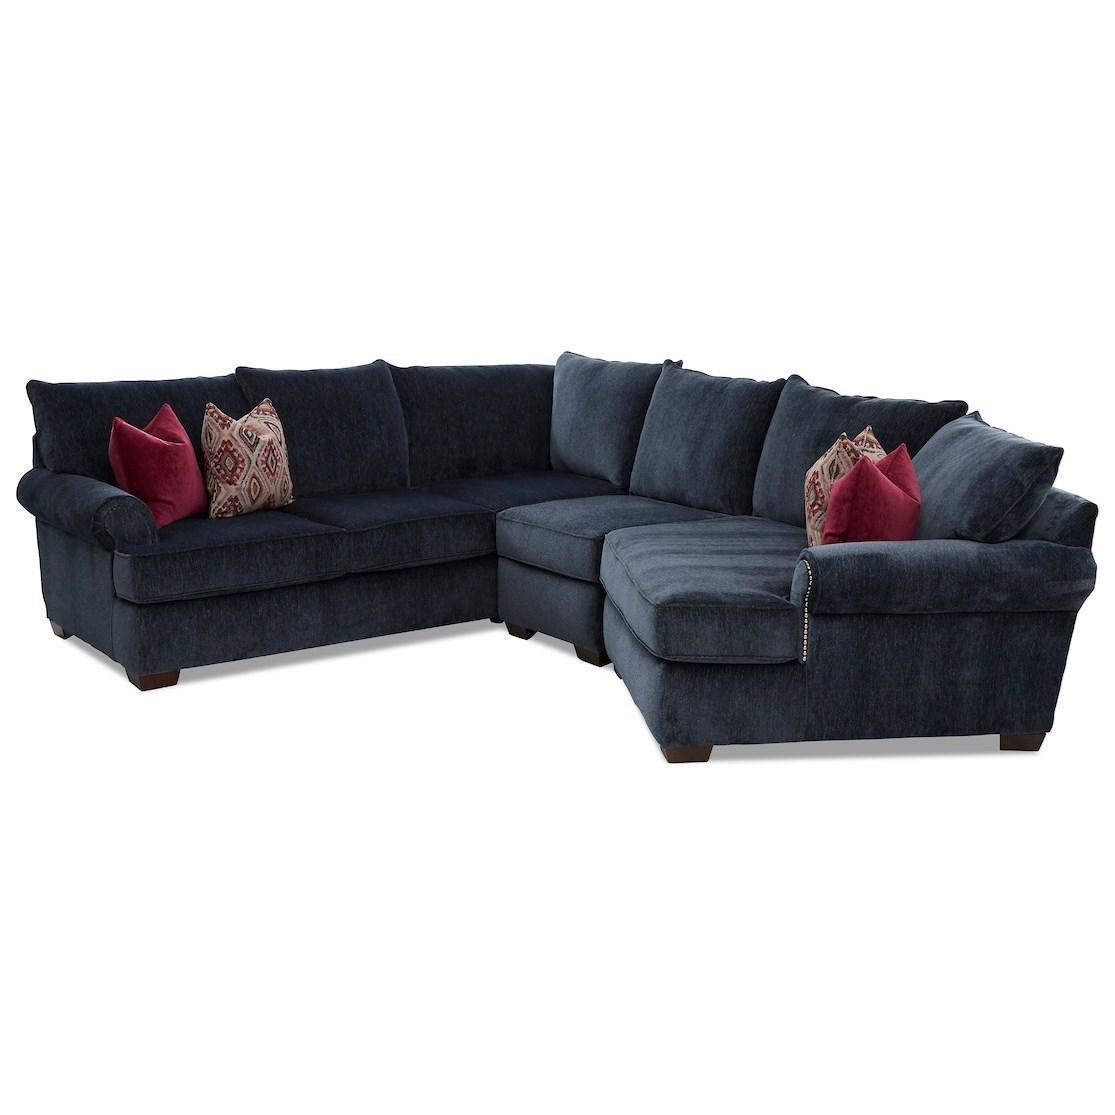 4-Seat Sectional Sofa w/ RAF Cuddler Chair